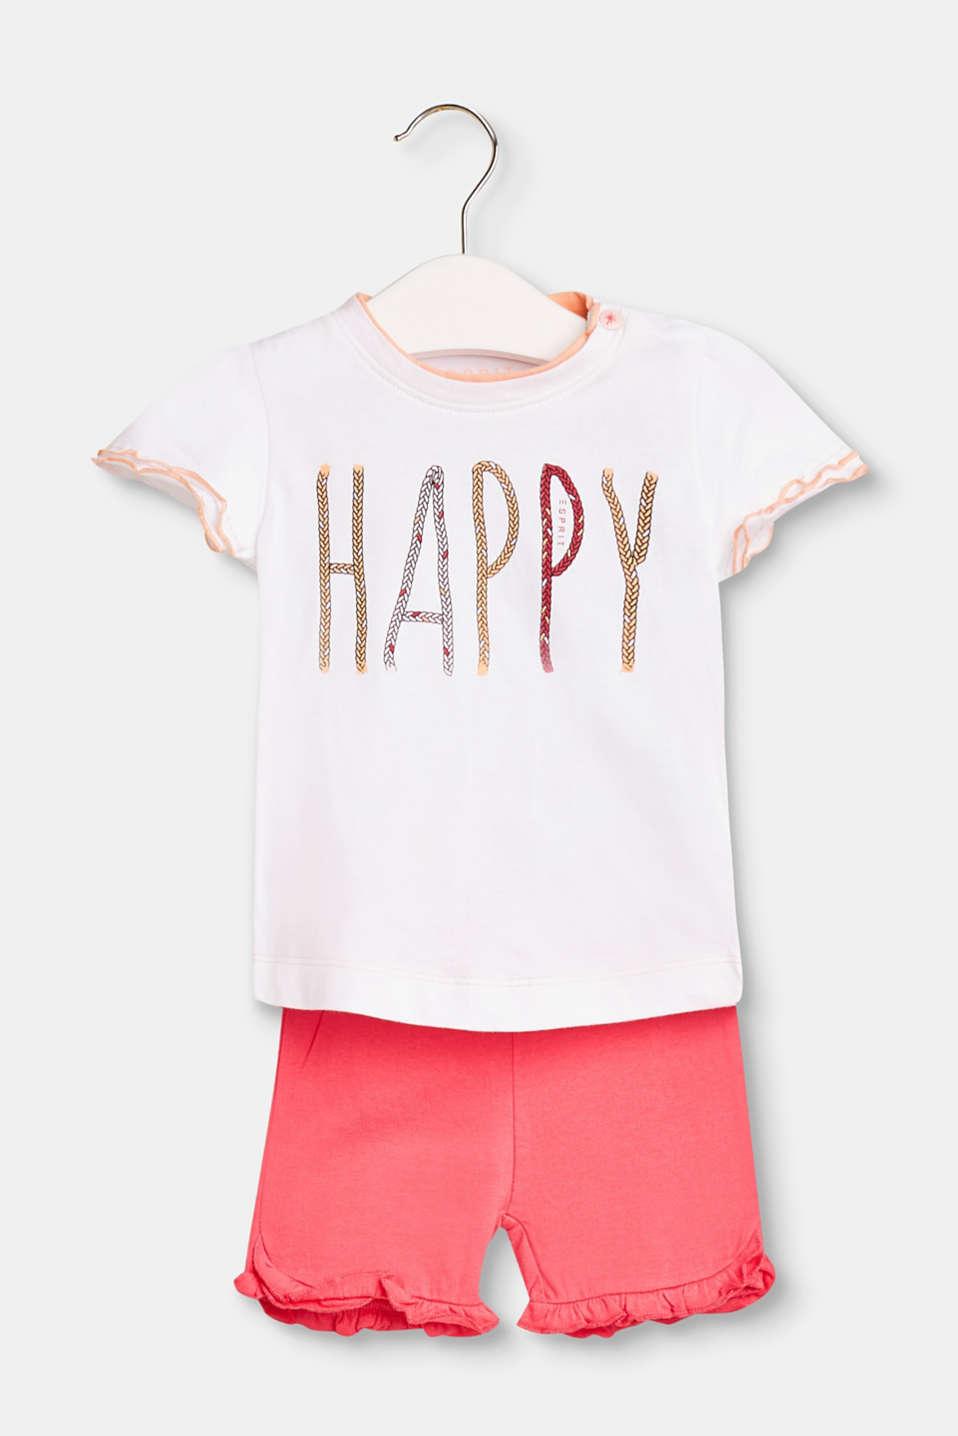 Esprit - Set med T-shirt och shorts 81b85daa940bc